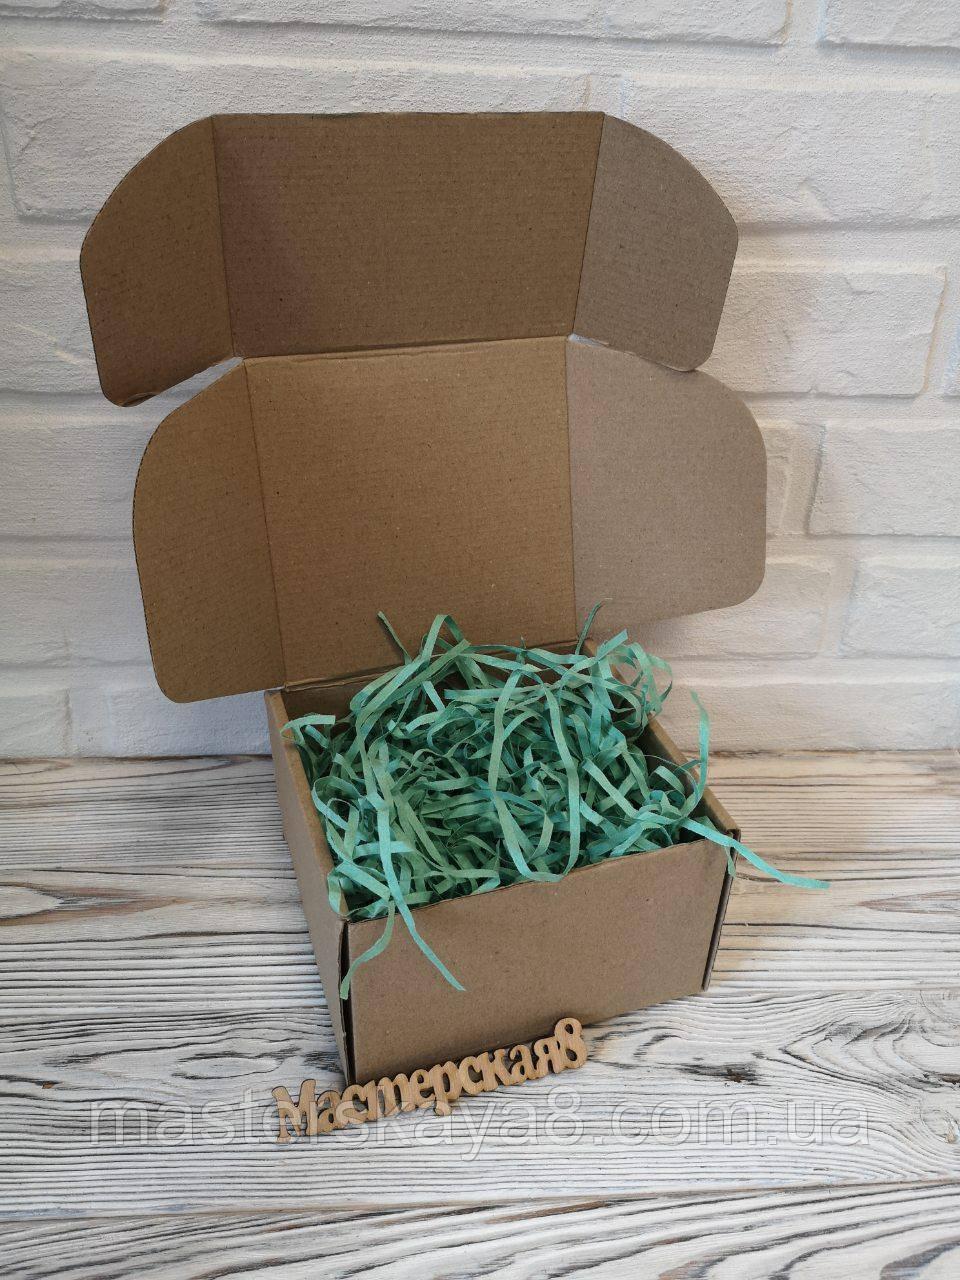 Коробка 150*150*9.5 мм крафт для подарка с мятным наполнителем , для сувенира, для мыла, косметики